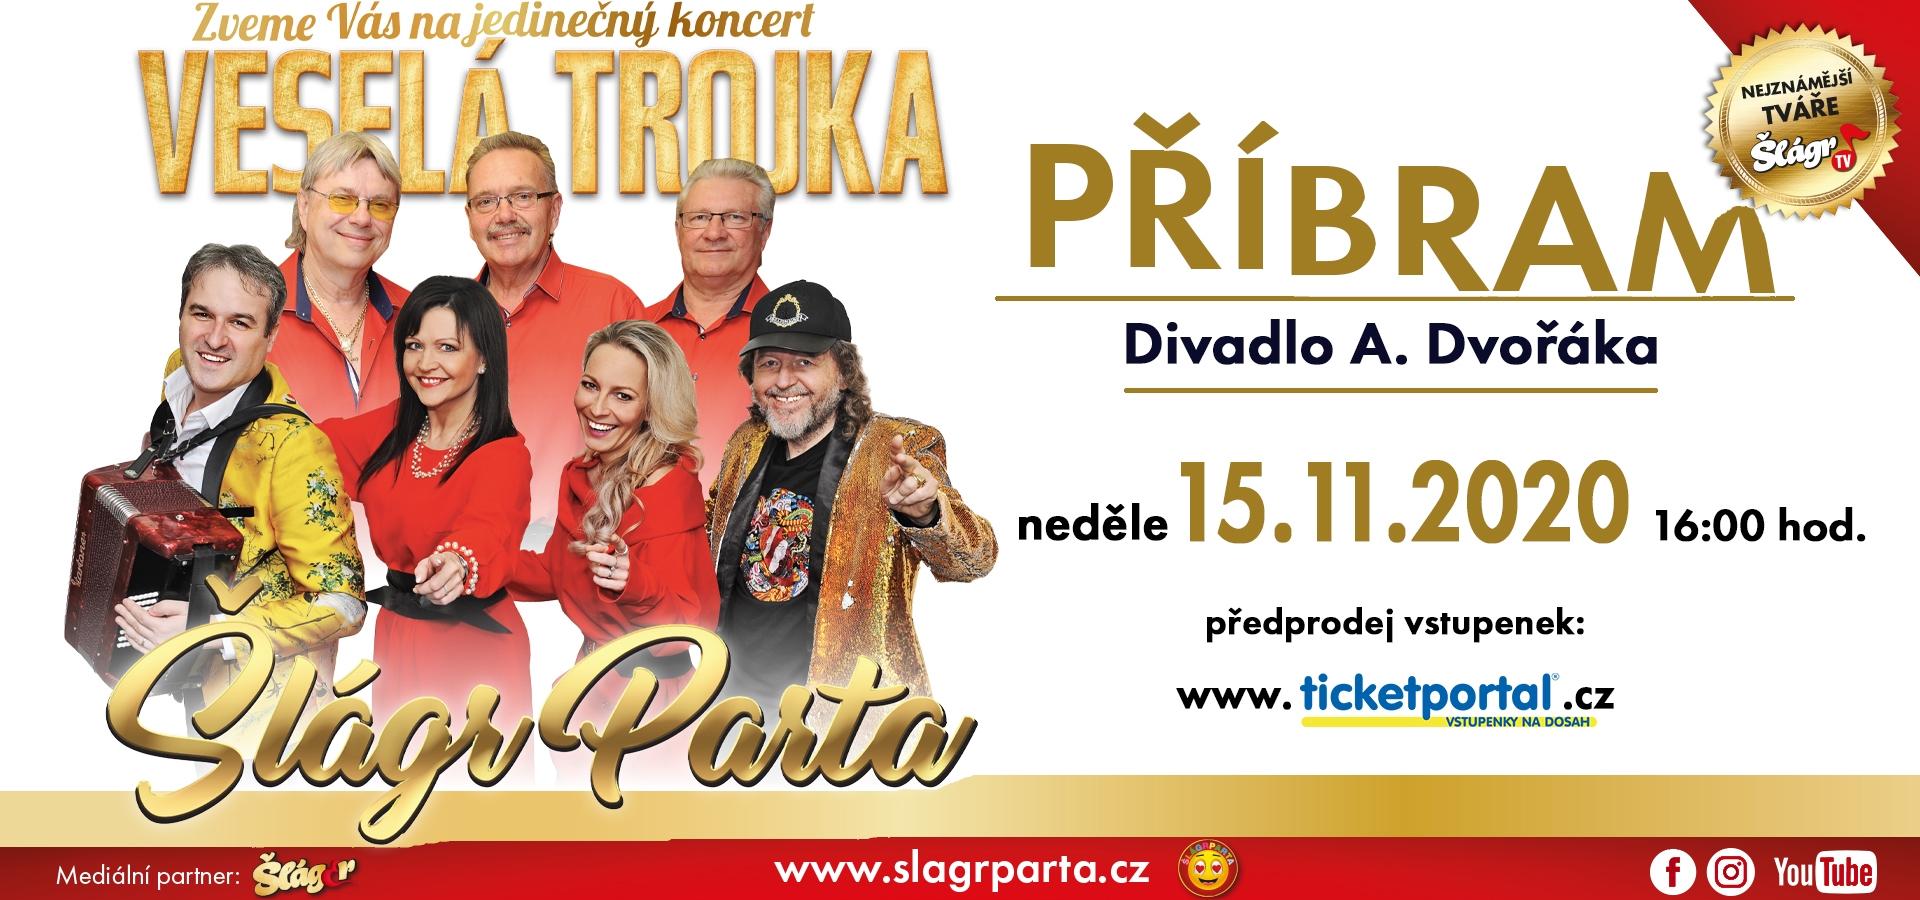 Šlágr Parta a VESELÁ TROJKA Pavla Kršky